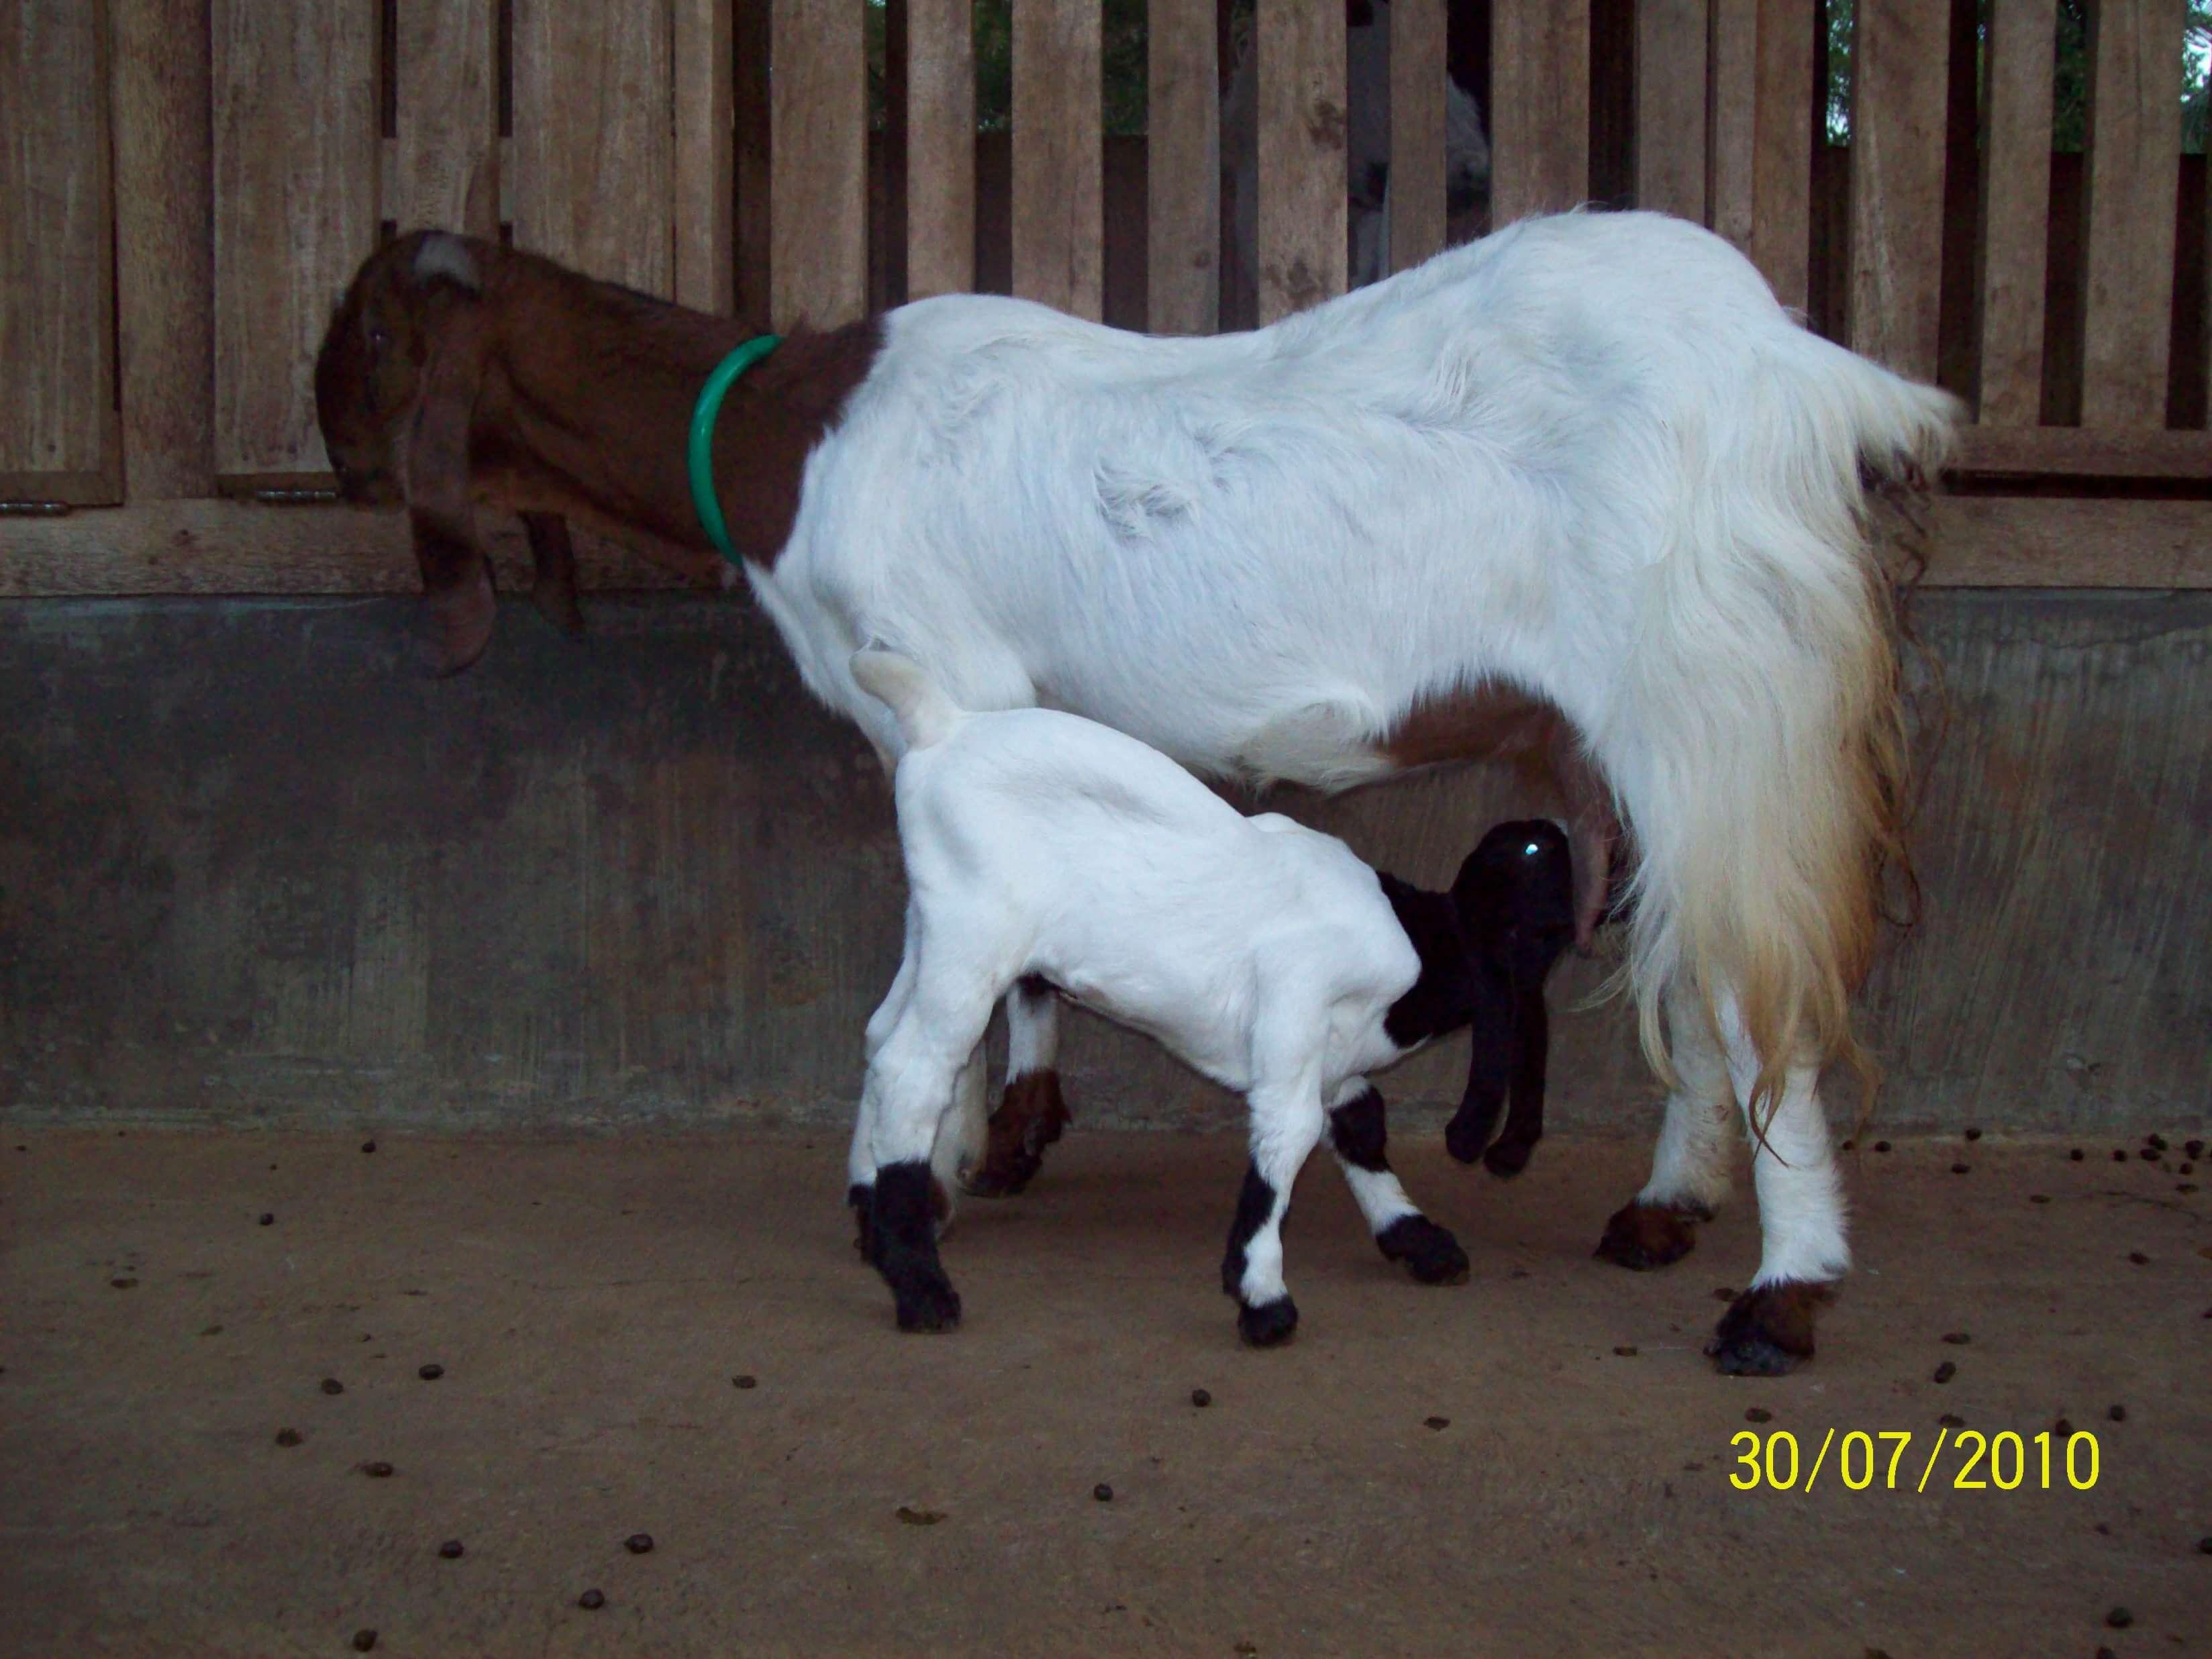 reproduksi kambing